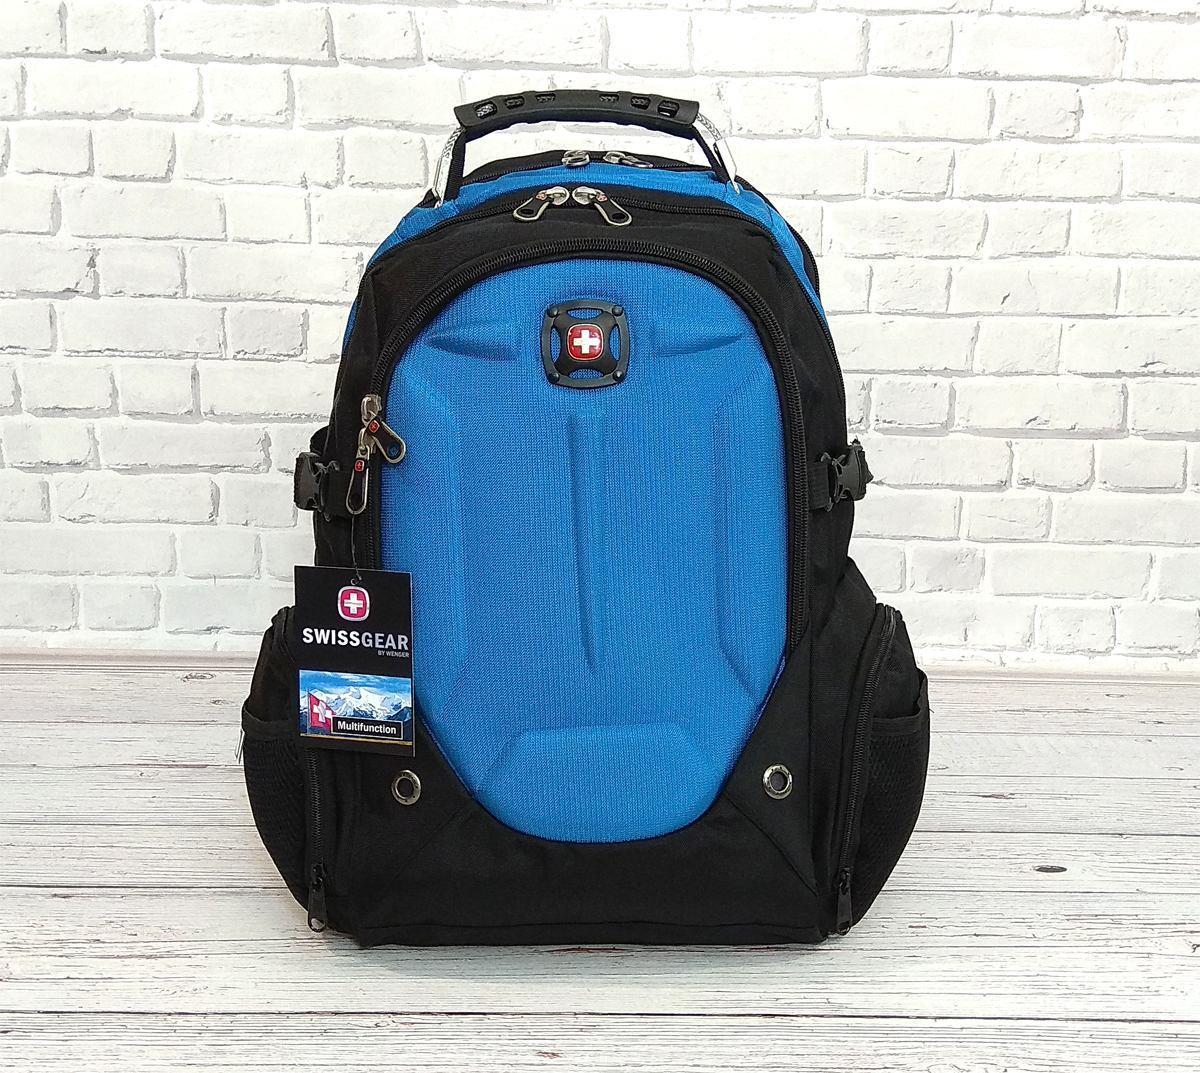 Місткий рюкзак. Чорний з синім. 35L / s6611 blue